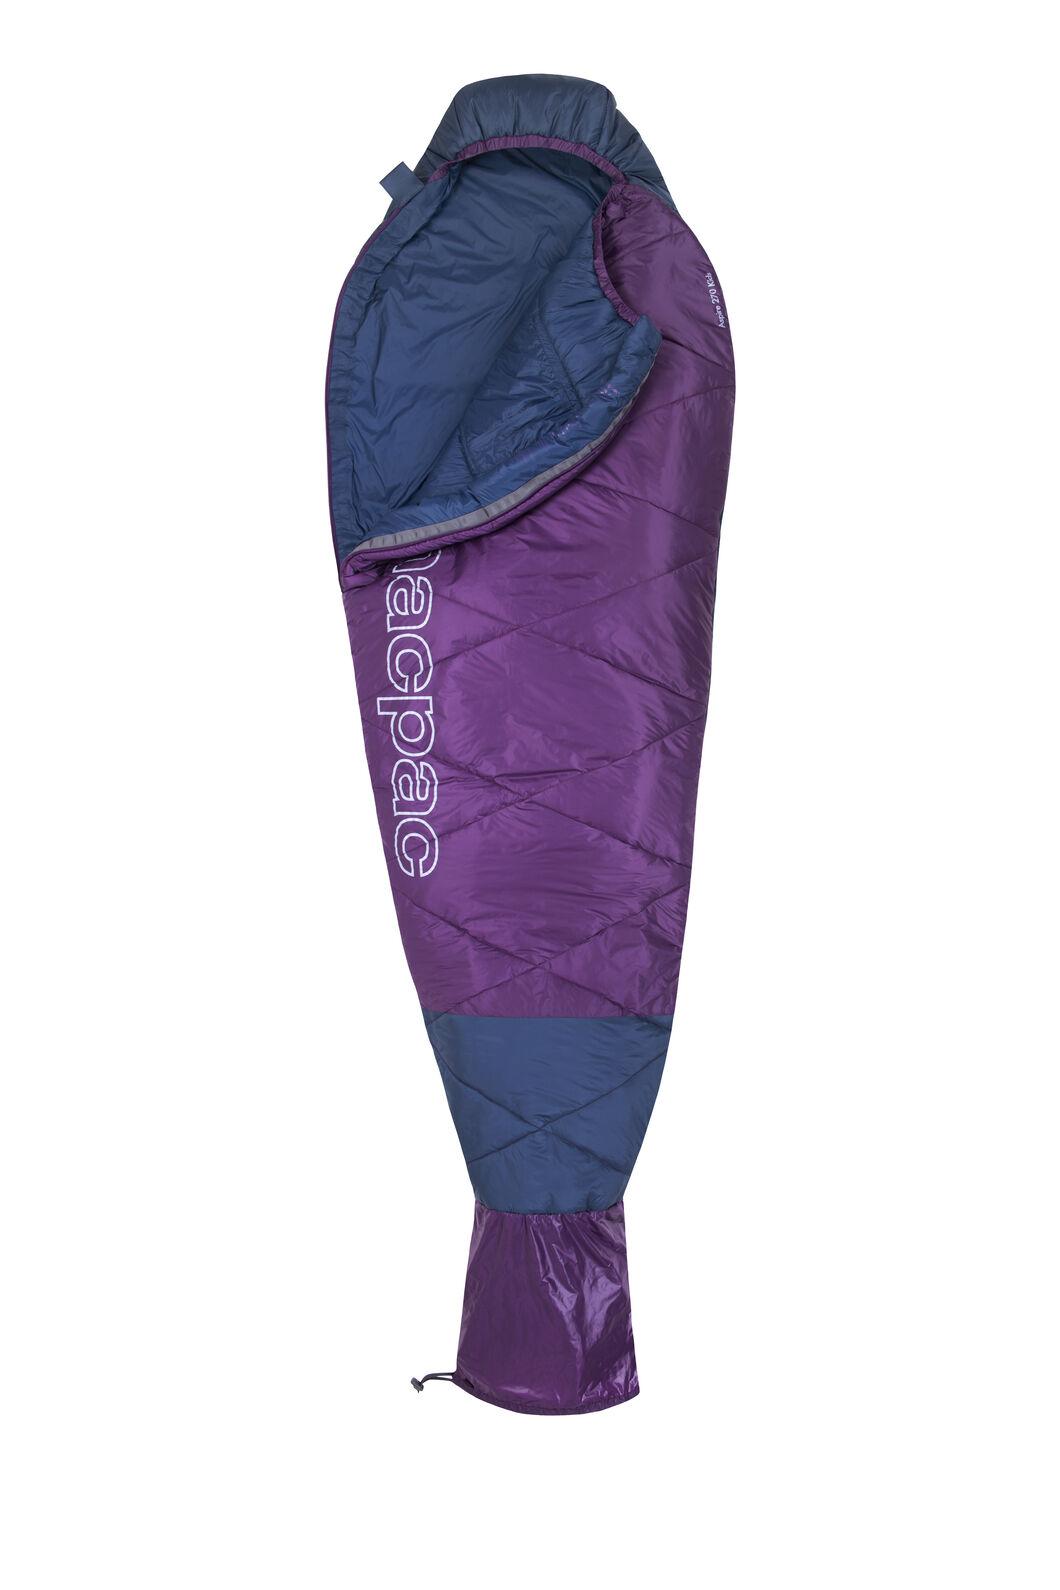 Macpac Aspire 270 Sleeping Bag — Kids', Blue Wing Teal/Wineberry, hi-res